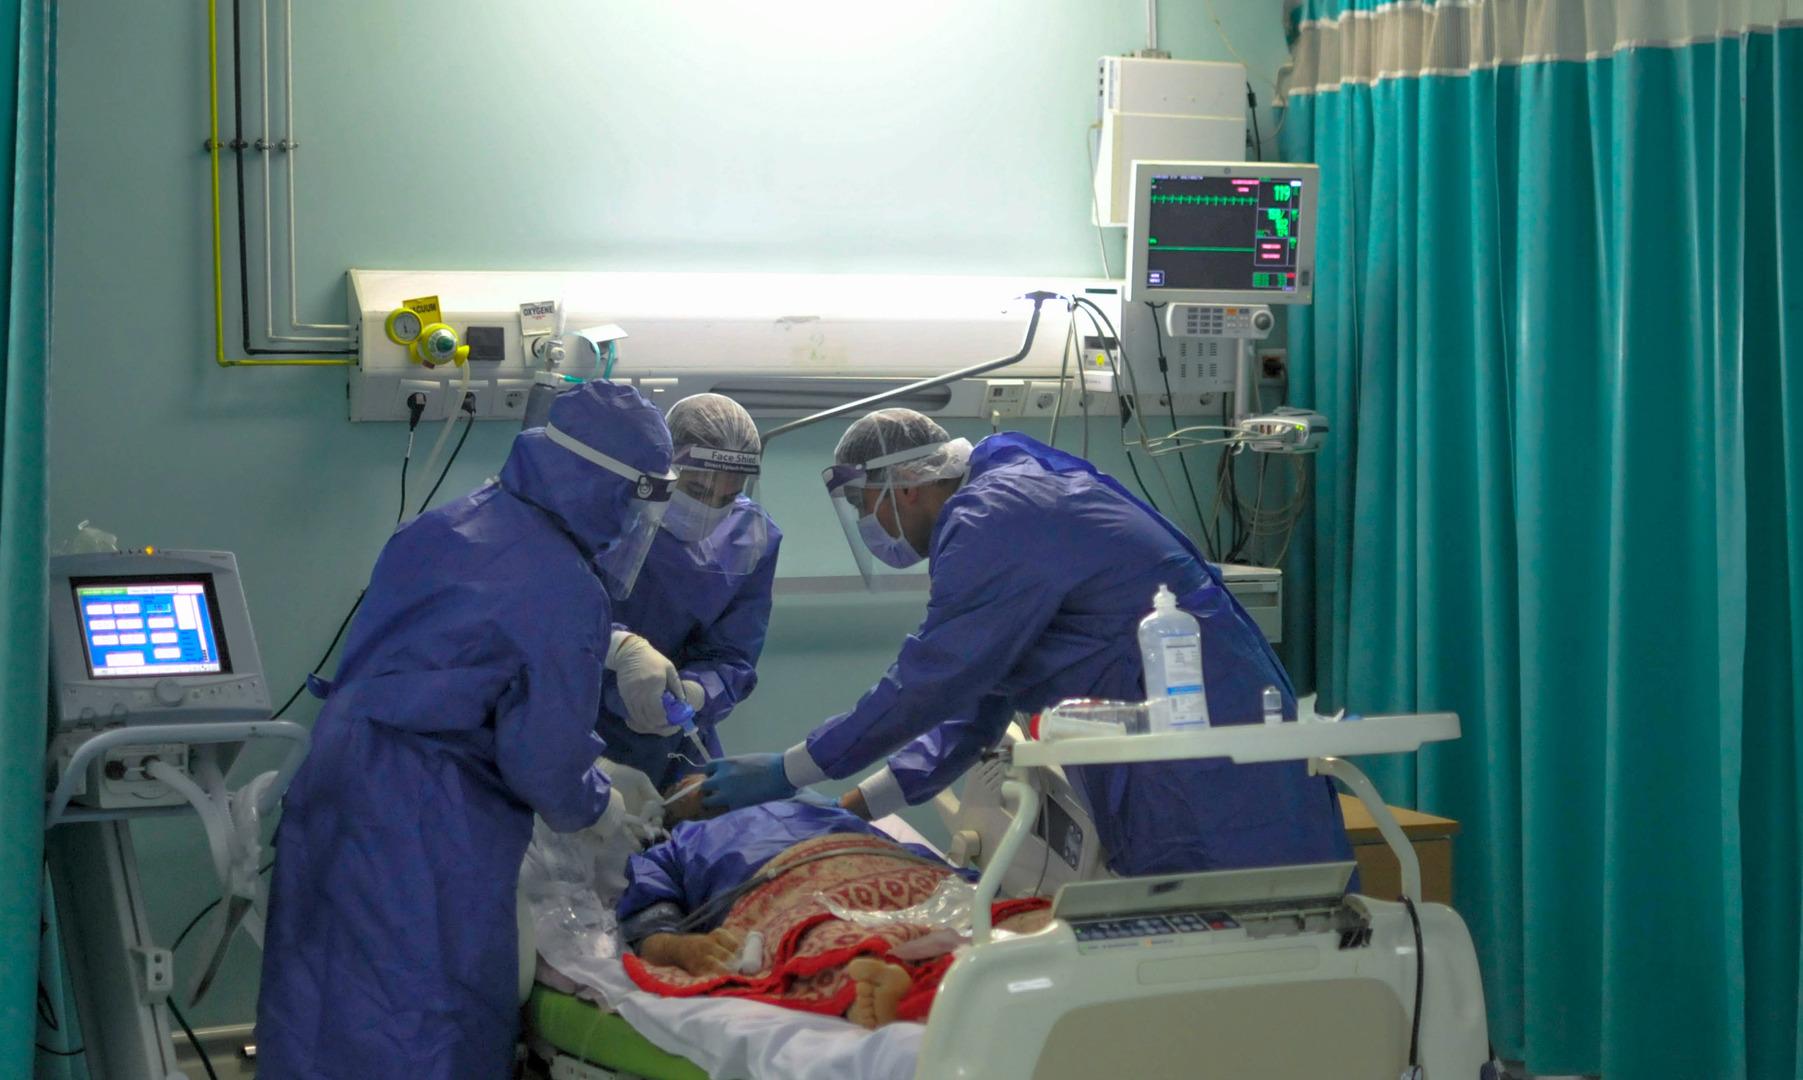 مصر.. التحقيق بوفاة مريضتين بمستشفى زفتى بسبب نفاد الأكسجين